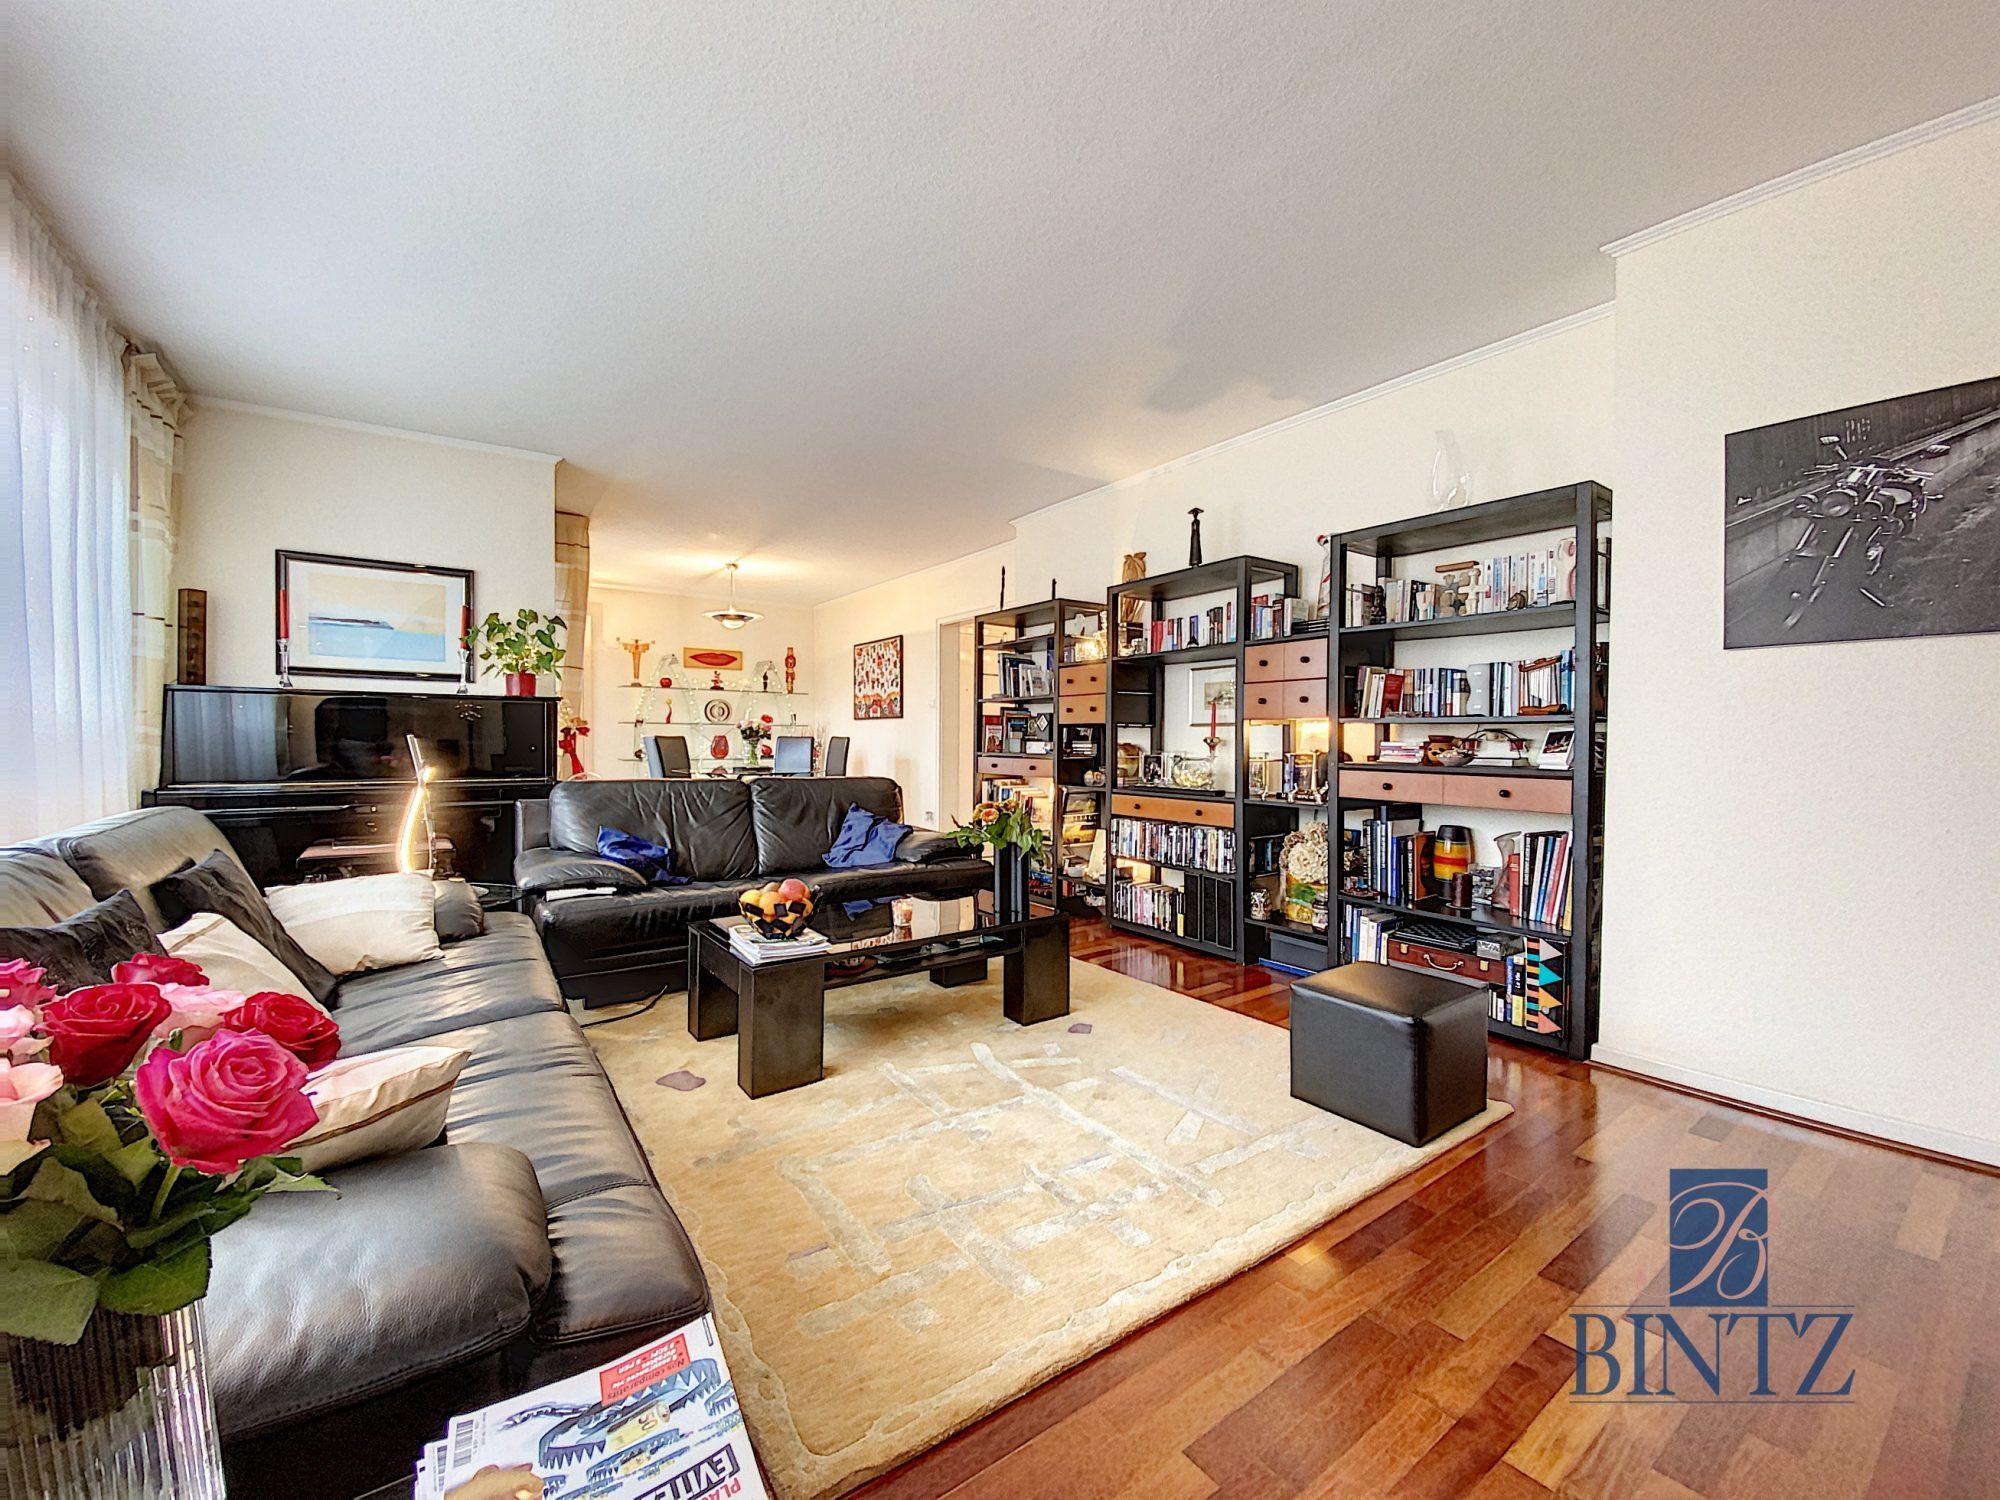 Superbe appartement 7 pièces à la Robertsau - Devenez propriétaire en toute confiance - Bintz Immobilier - 1